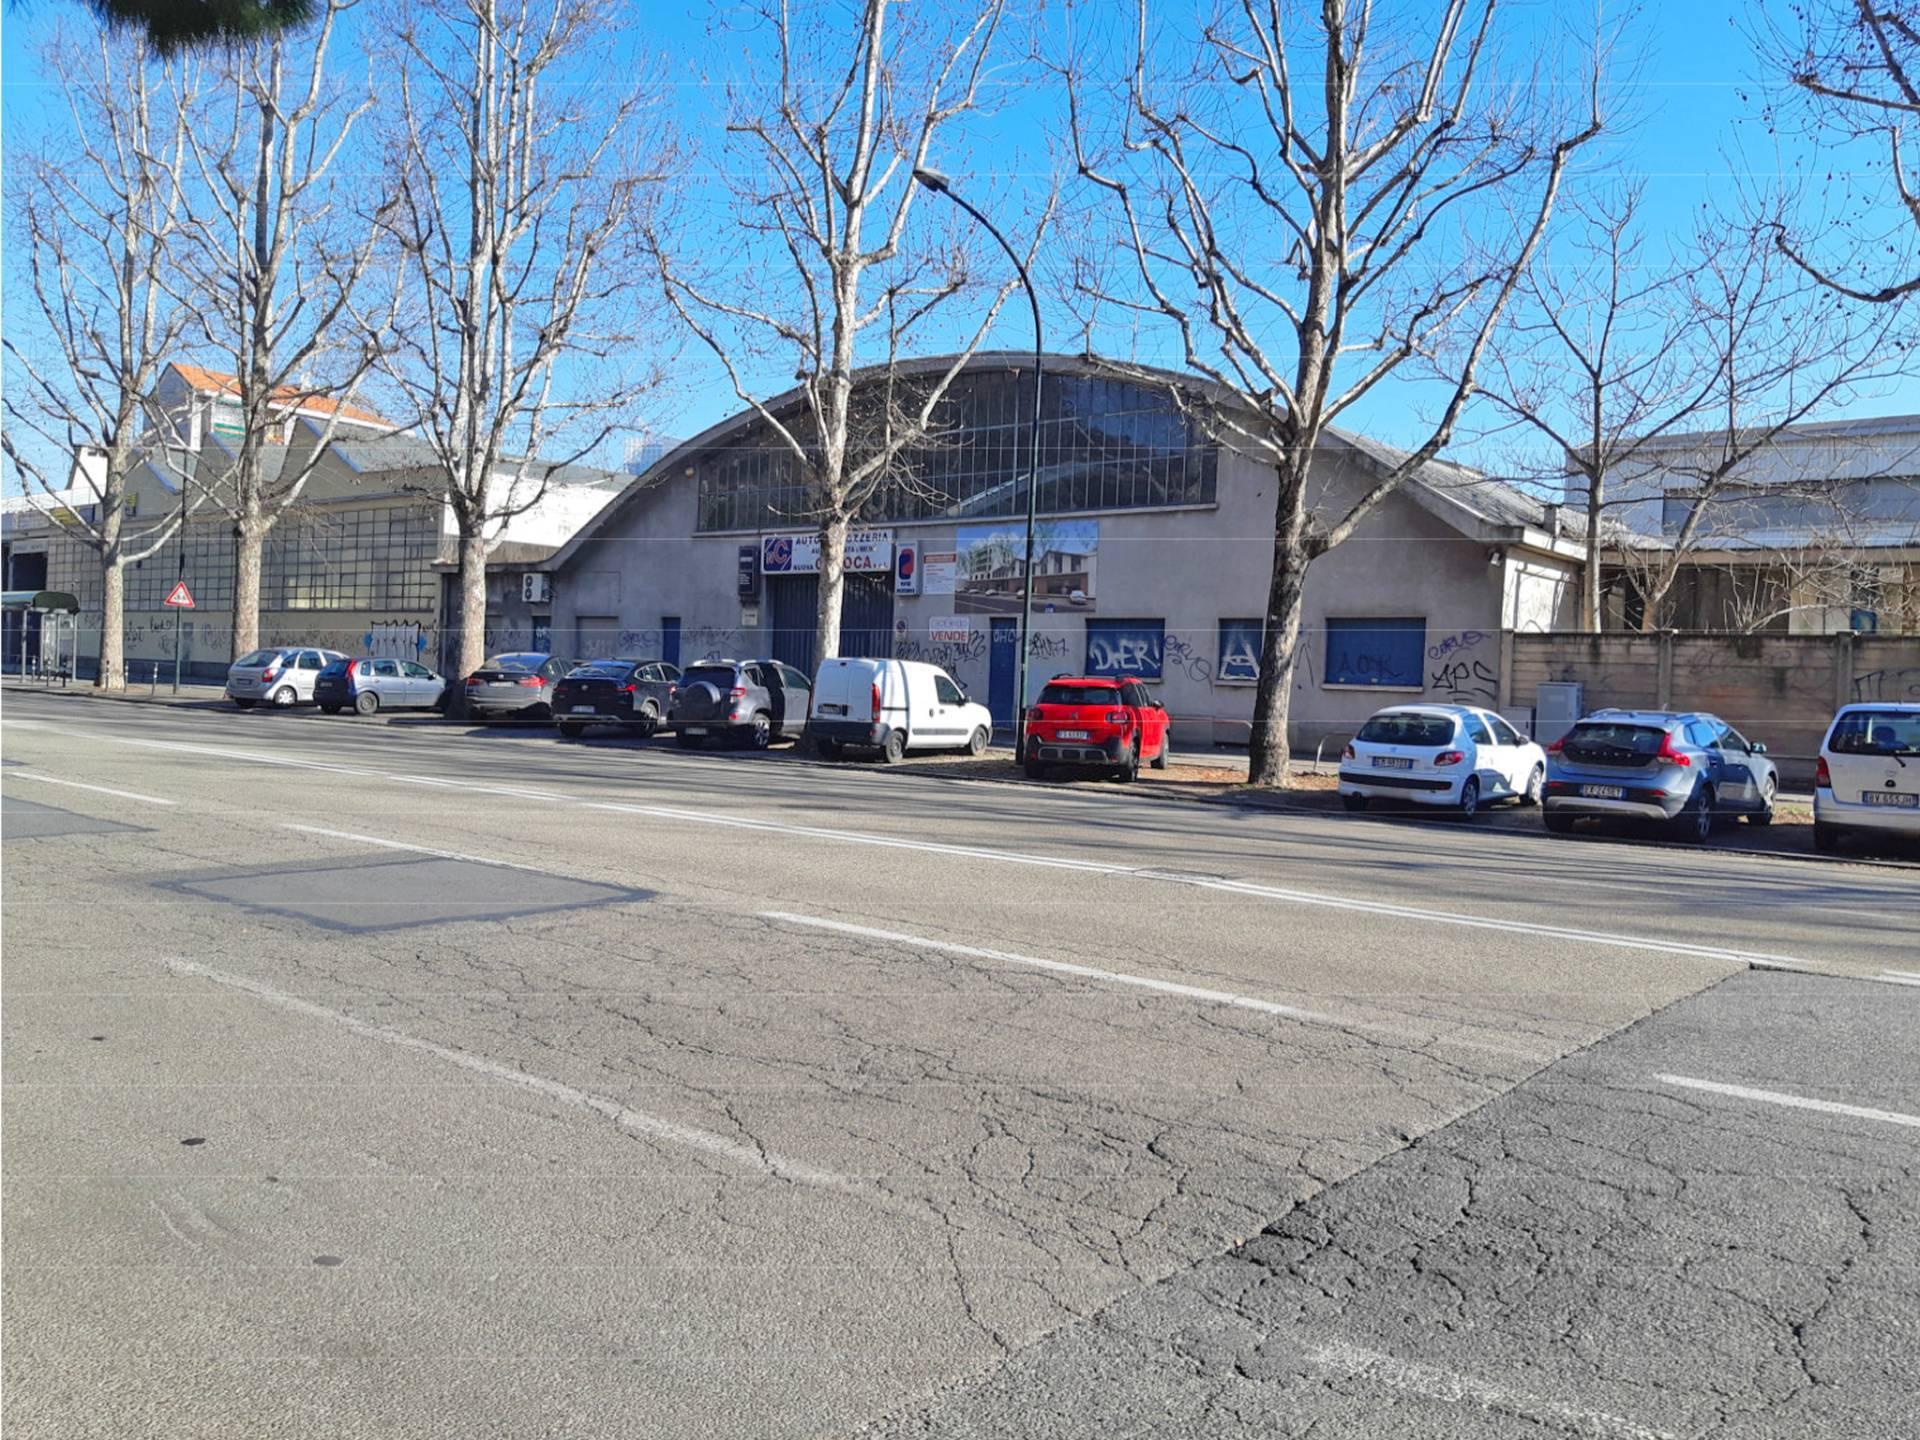 FONDO COMMERCIALE in Vendita a Mirafiori sud, Torino (TORINO)